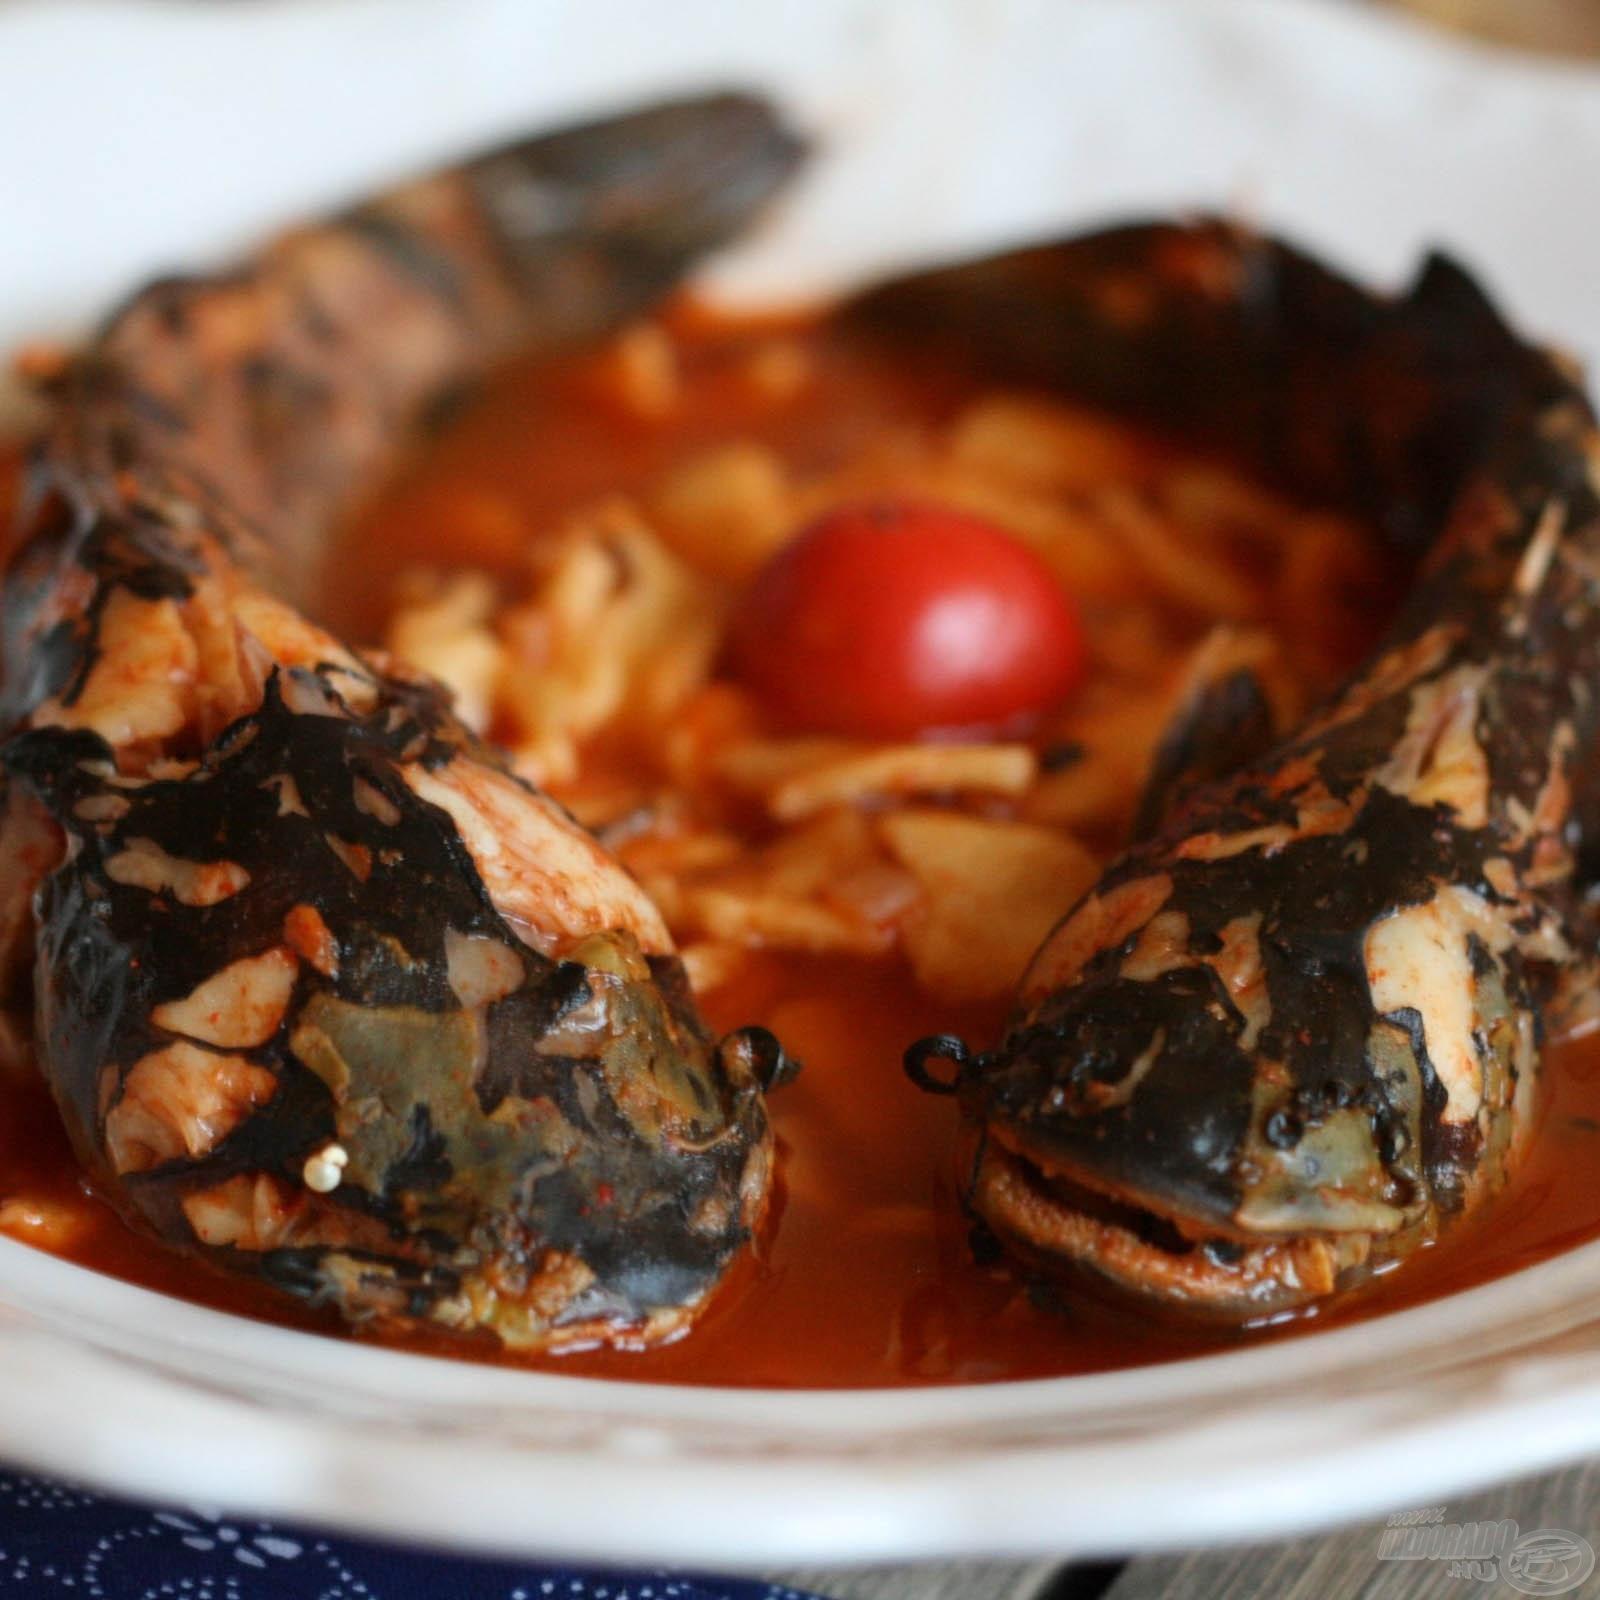 Ragadozó halból készült ételek